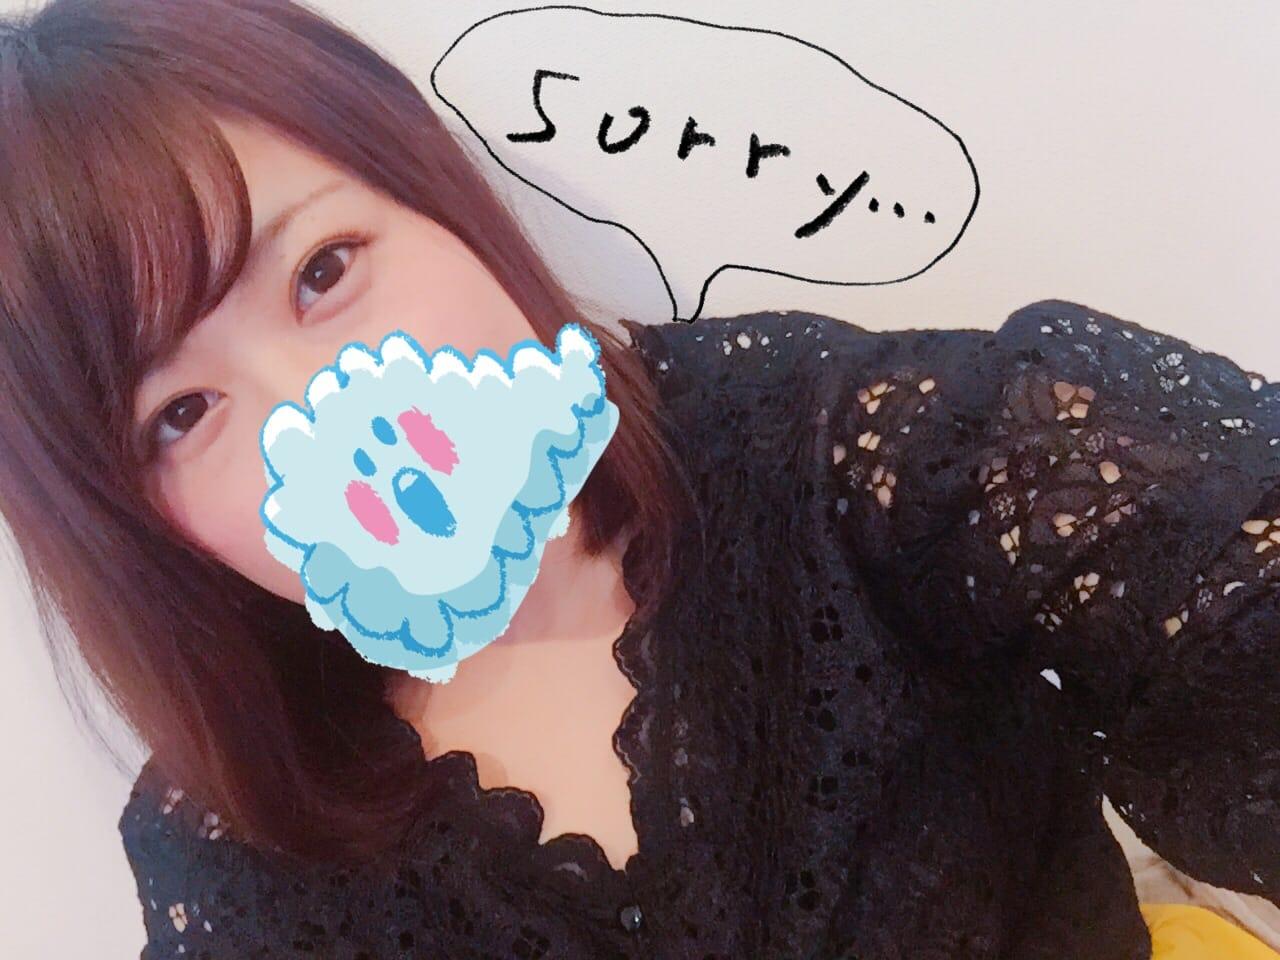 ラン「ごめんなさい(;_;)」09/21(木) 02:20 | ランの写メ・風俗動画